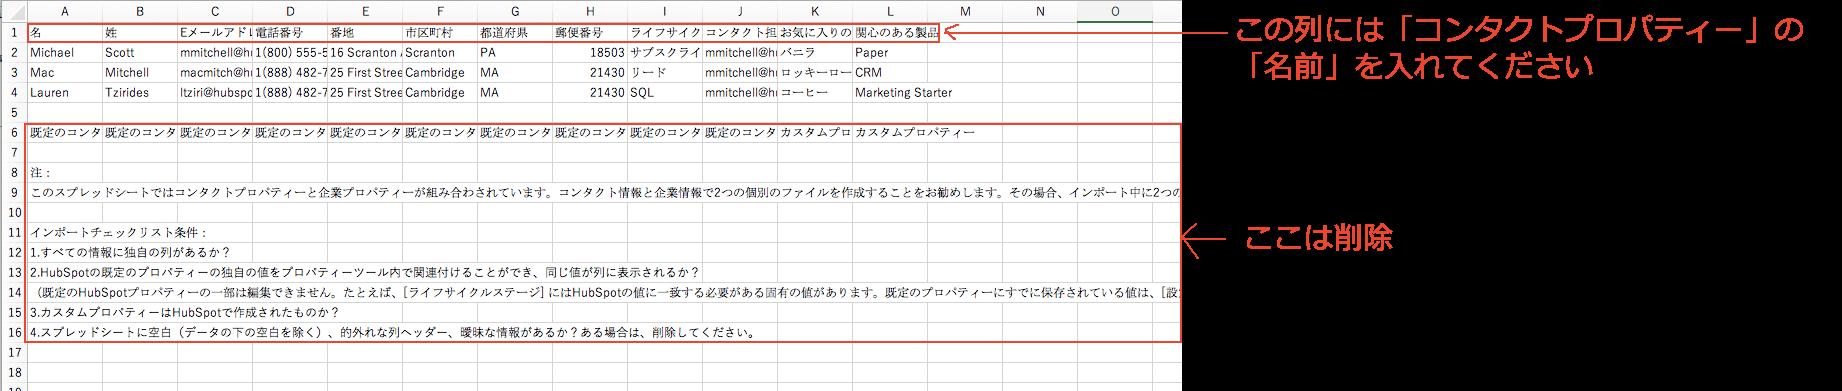 sample_spredsheet-1